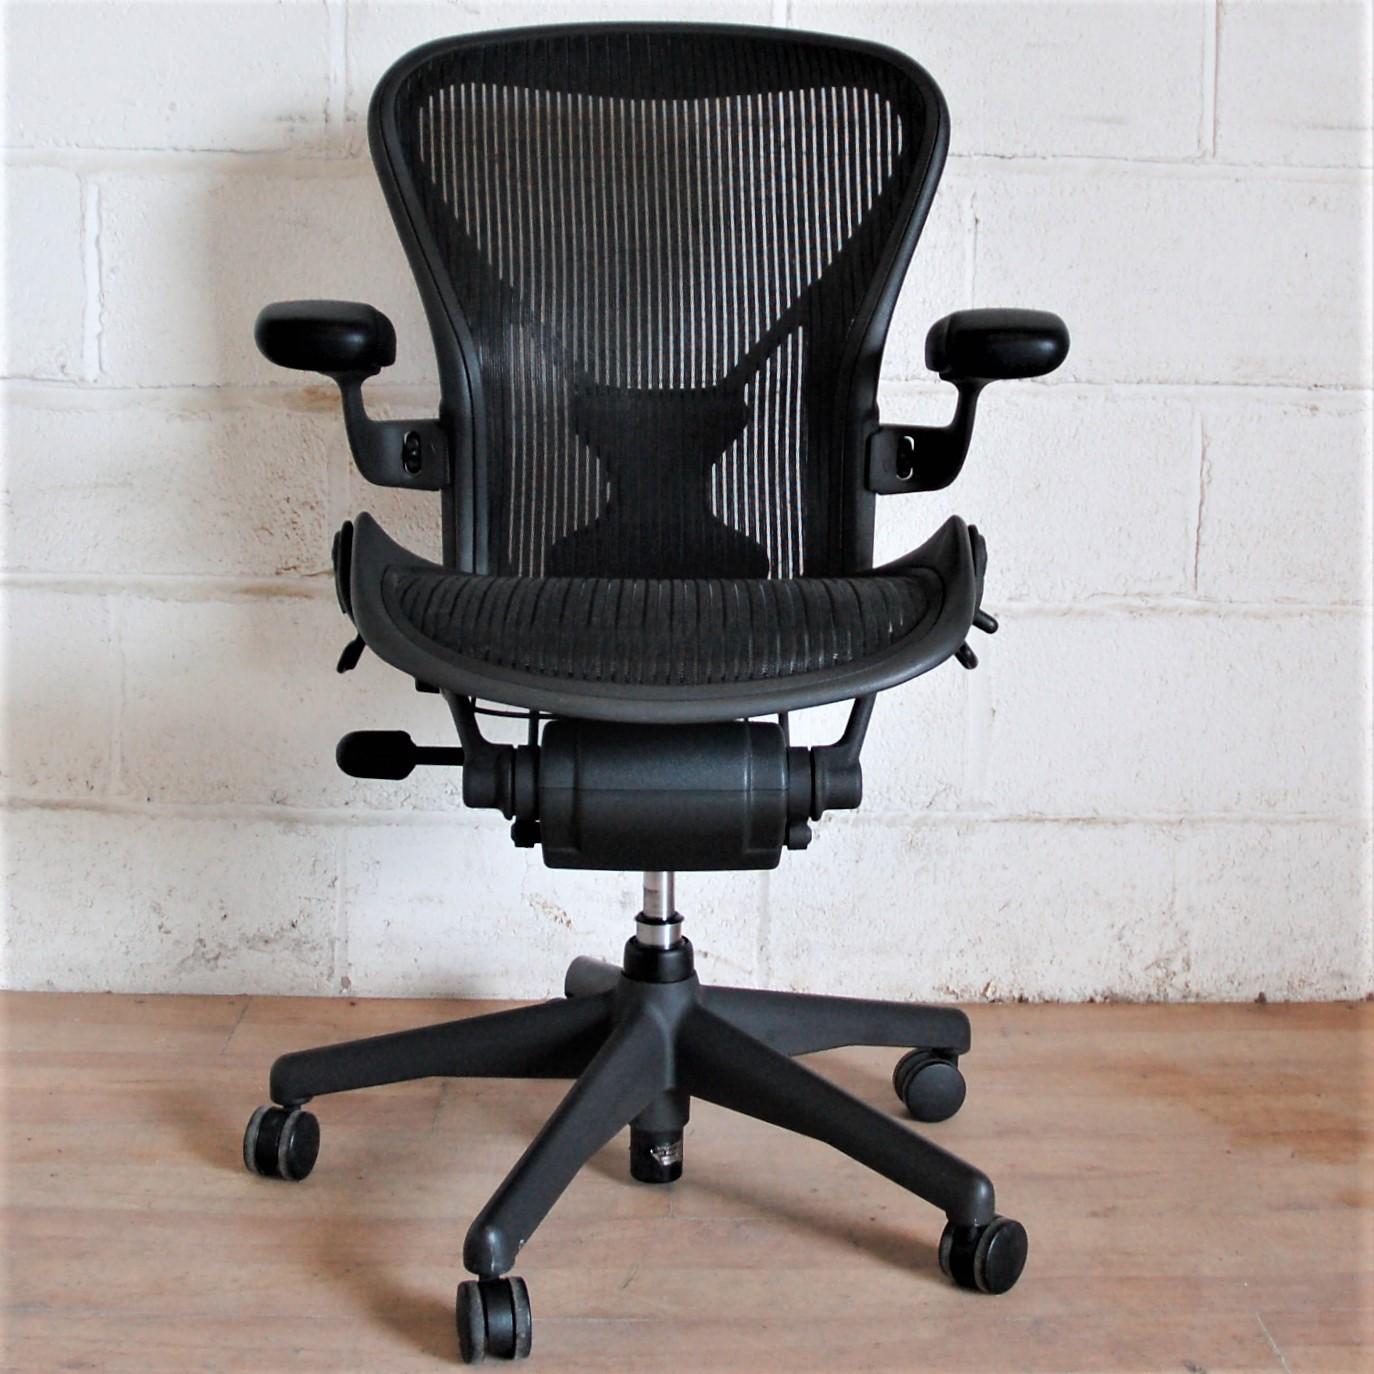 HERMAN MILLER Aeron Task Chair 2156 HERMAN MILLER Aeron Task